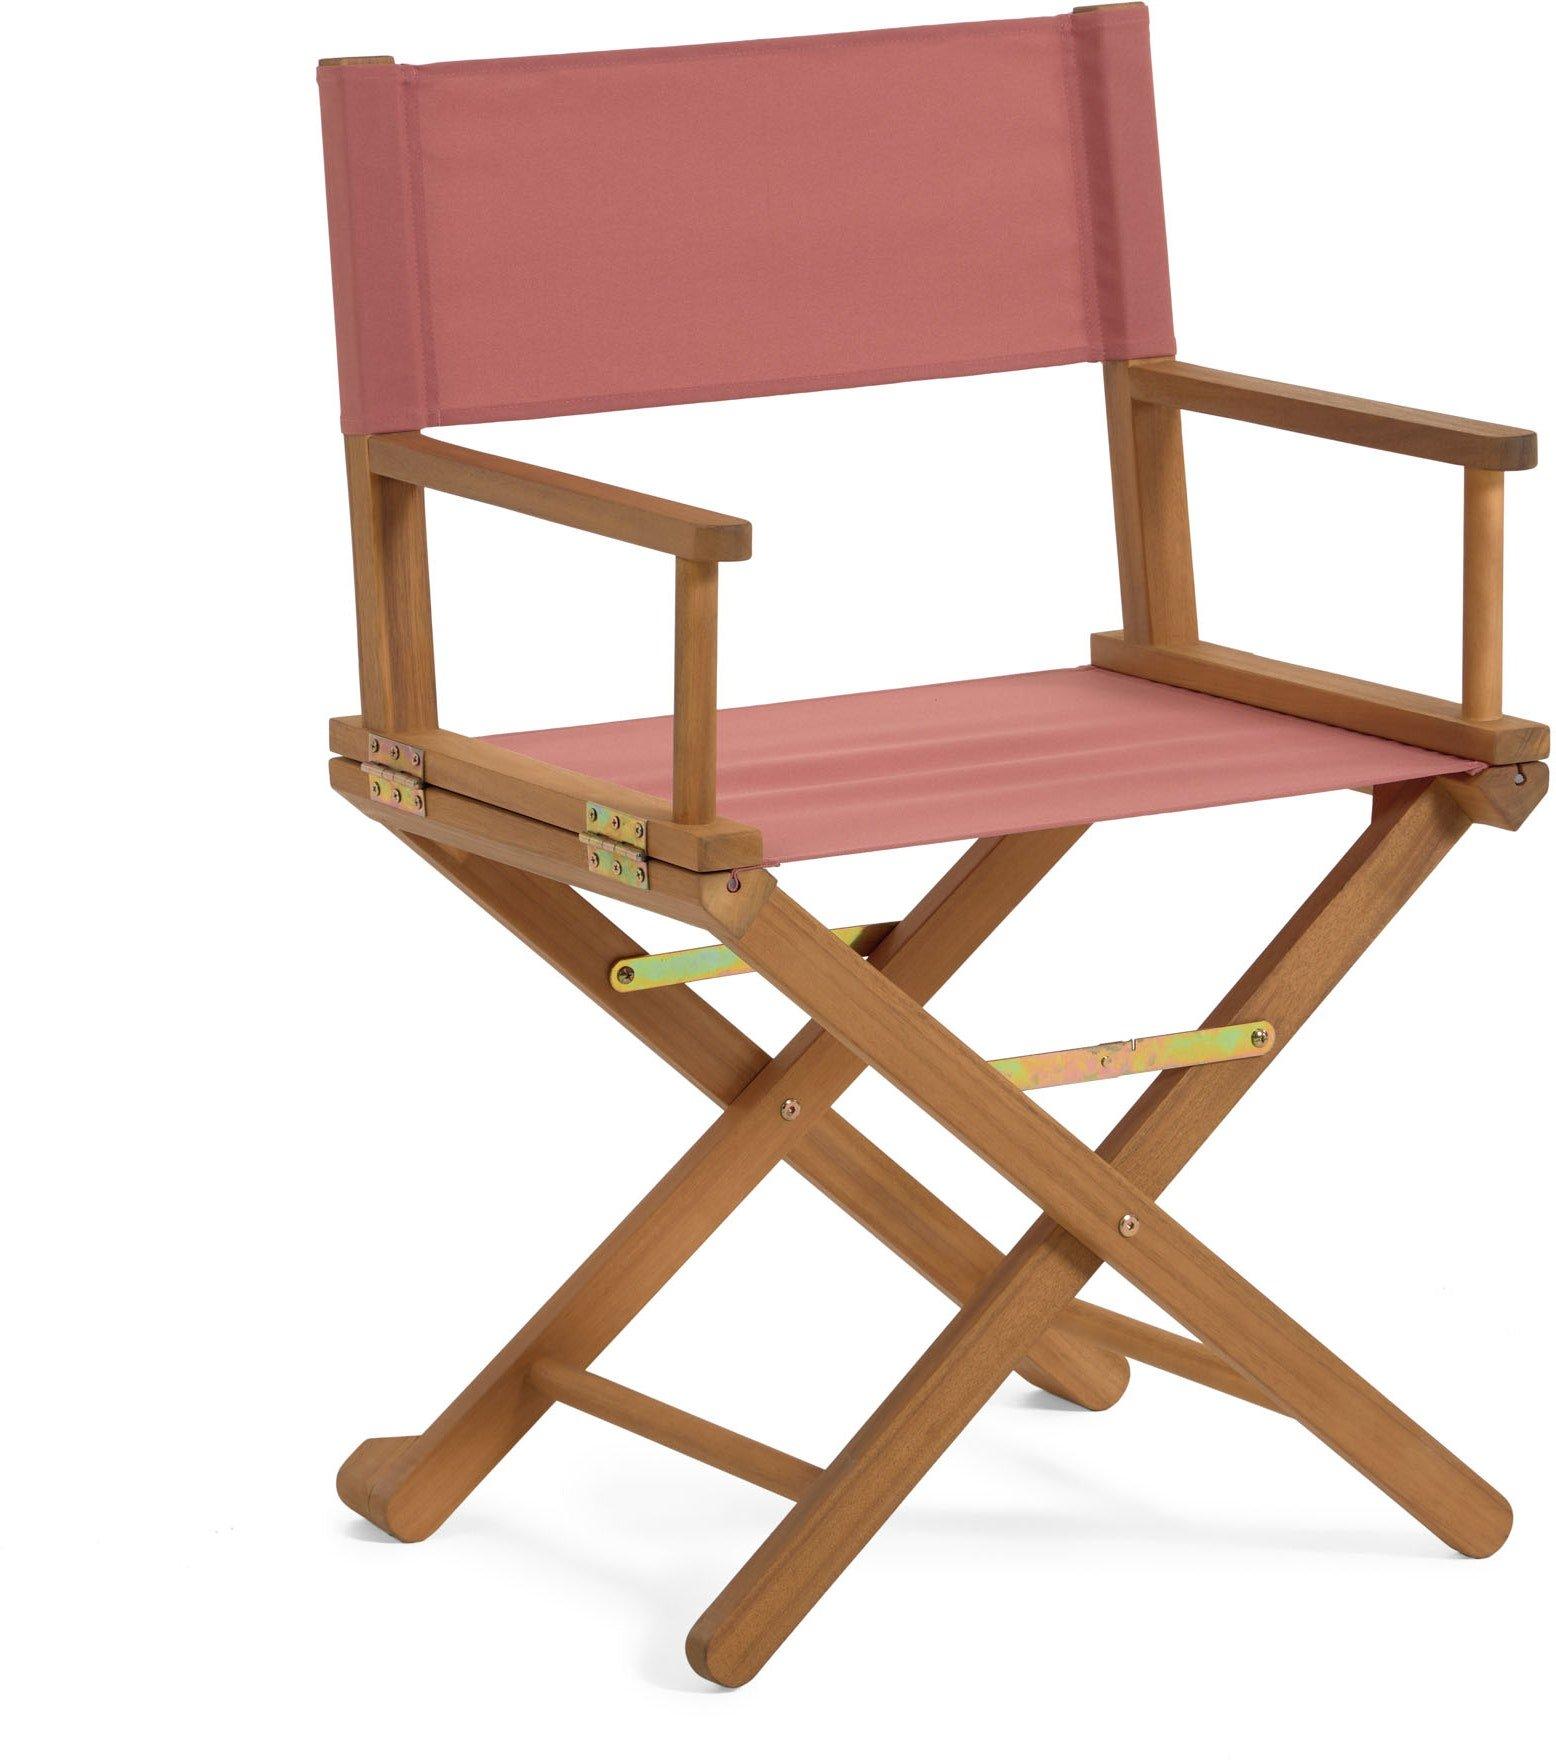 Dalisa, Udendørs spisebordsstol by LaForma (H: 88 cm. B: 55 cm. L: 43 cm., Rød)